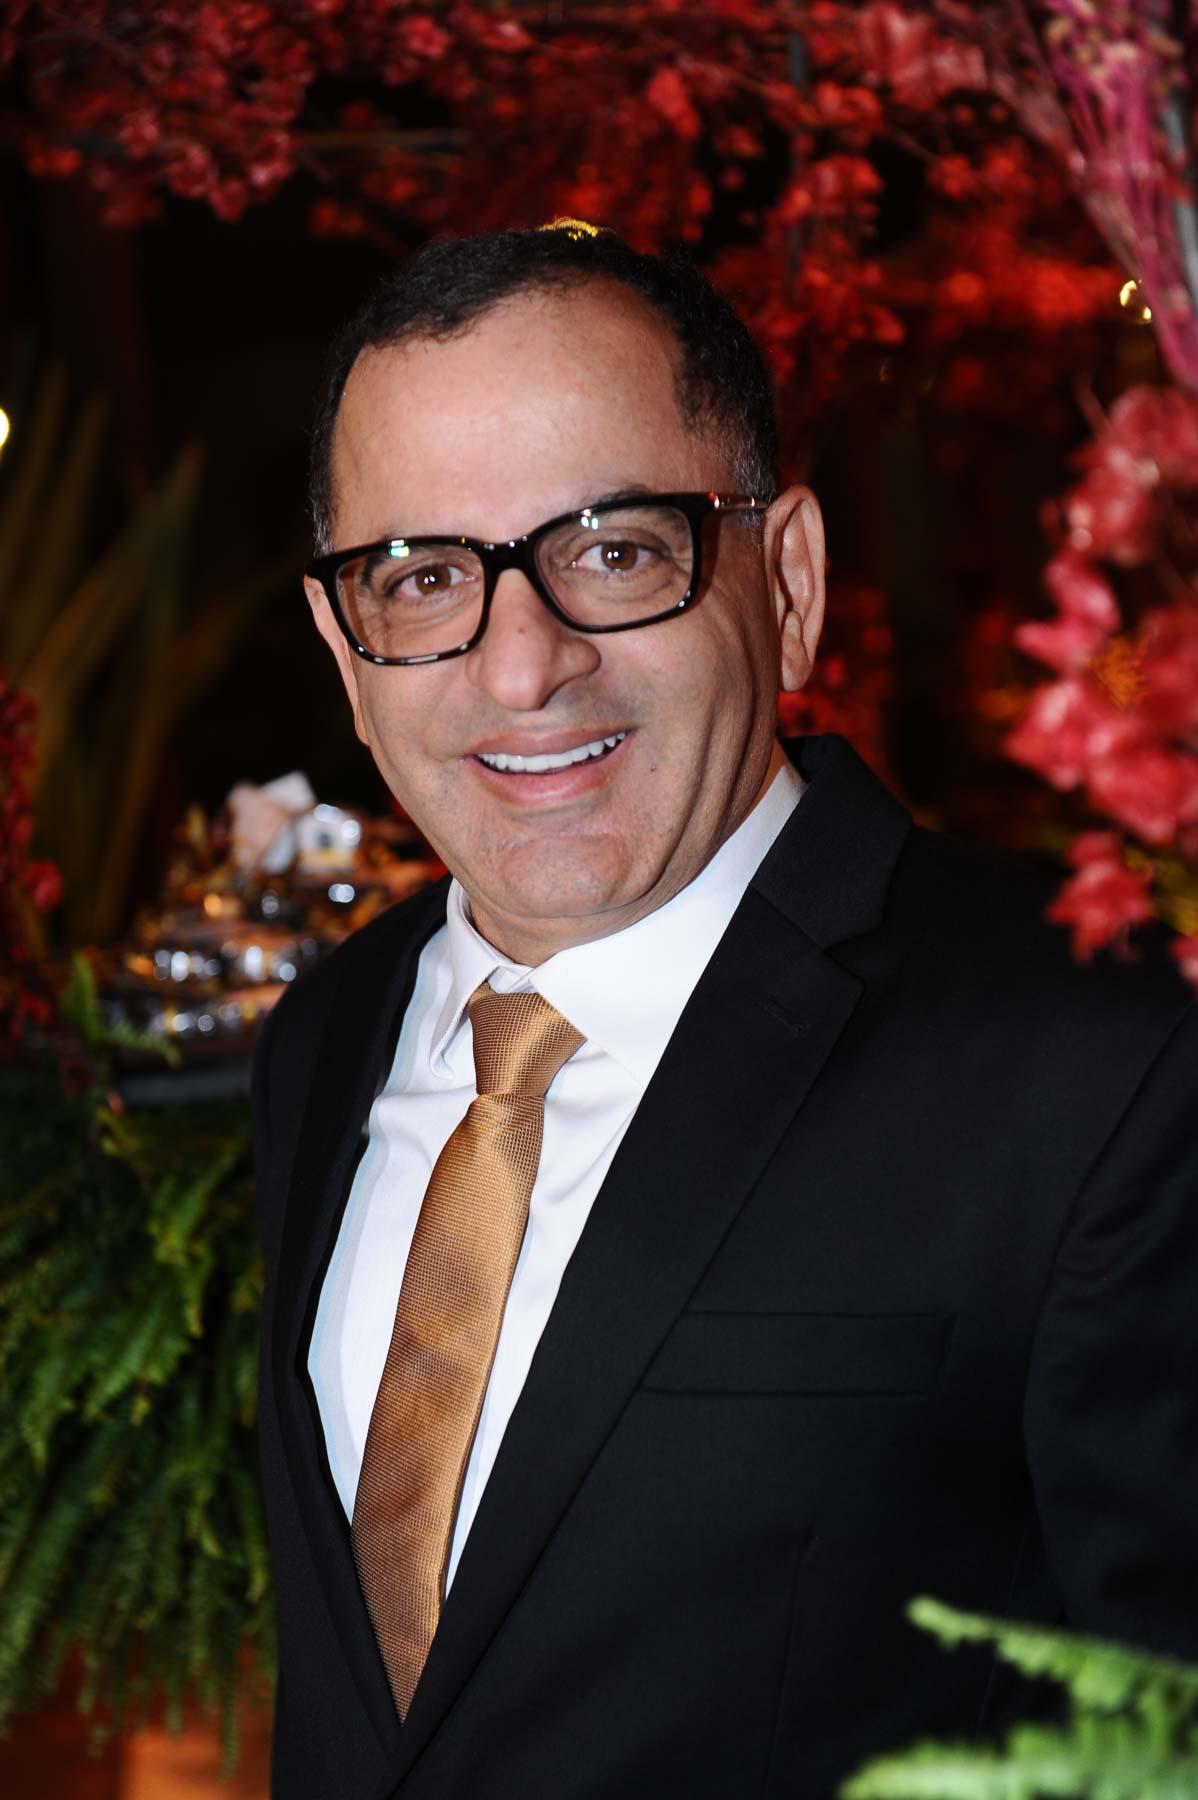 O anfitrião da noite, o jornalista Jefferson de Almeida, vestido pela loja Saga usando a marca Ricardo Almeida.